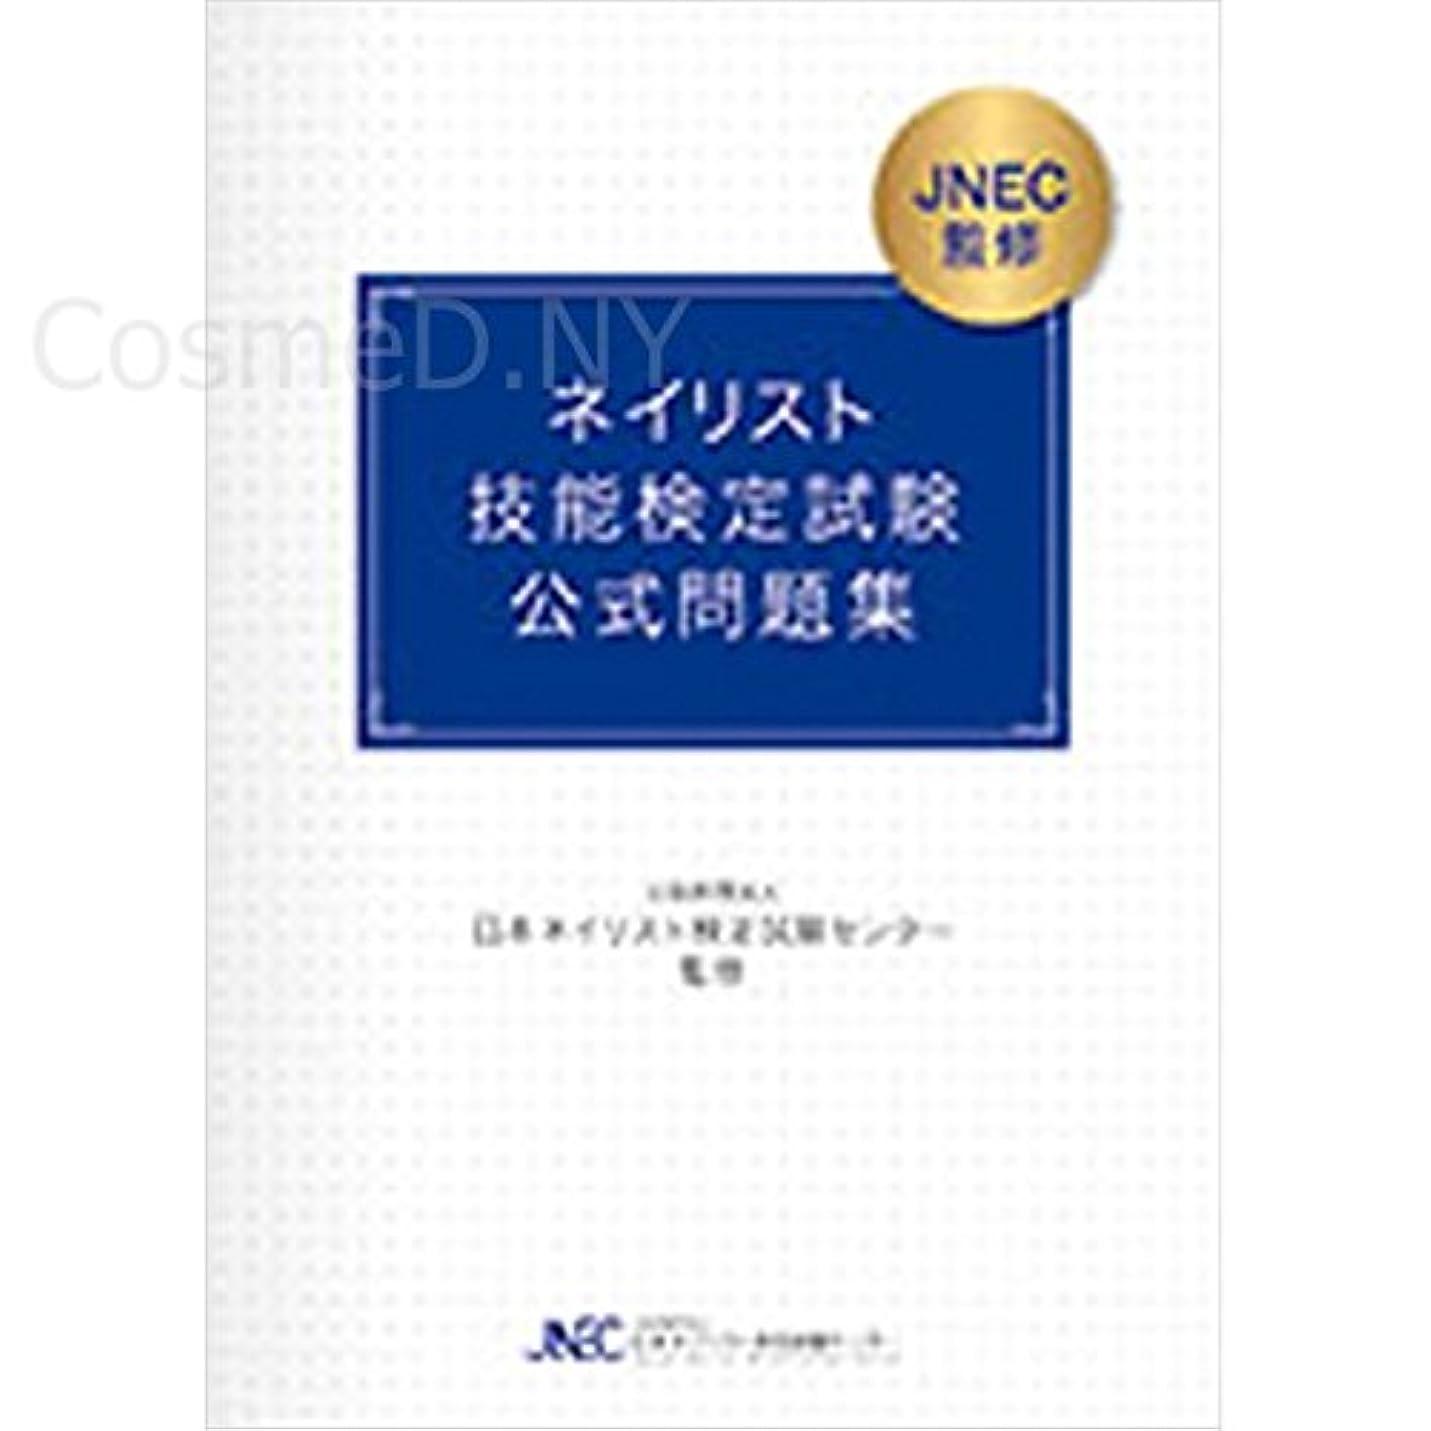 割り当てコントローラ気質書籍ネイリスト技能検定試験 公式問題集【BOOK、ネイリスト検定試験、ネイル検定に】